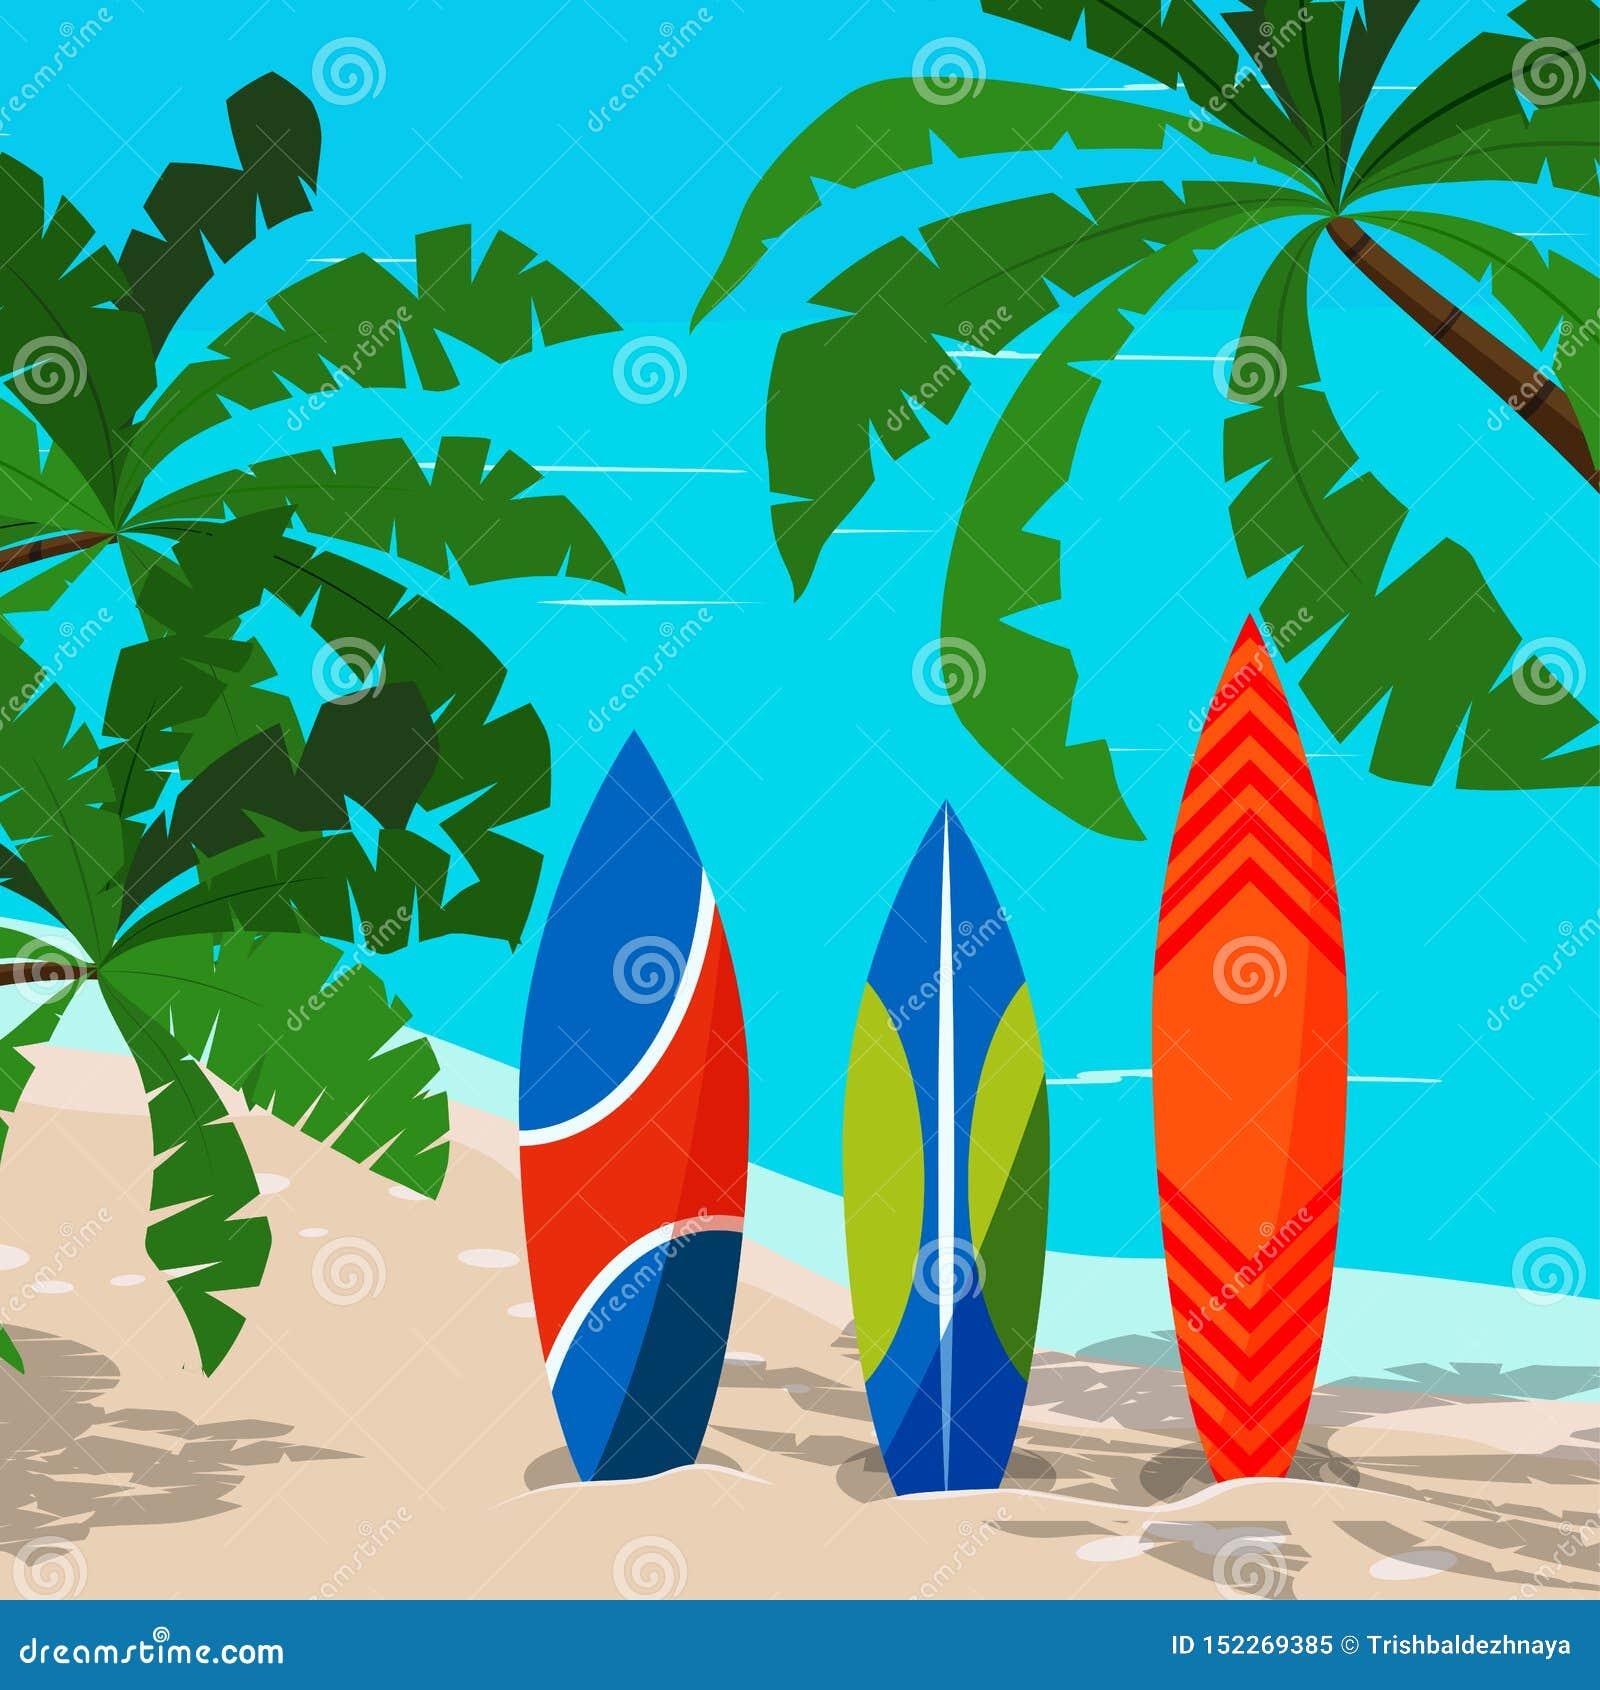 Schöne Marinelandschaft mit farbigem Surfbrett - Ozean, Palmen, Sandküstenlinie